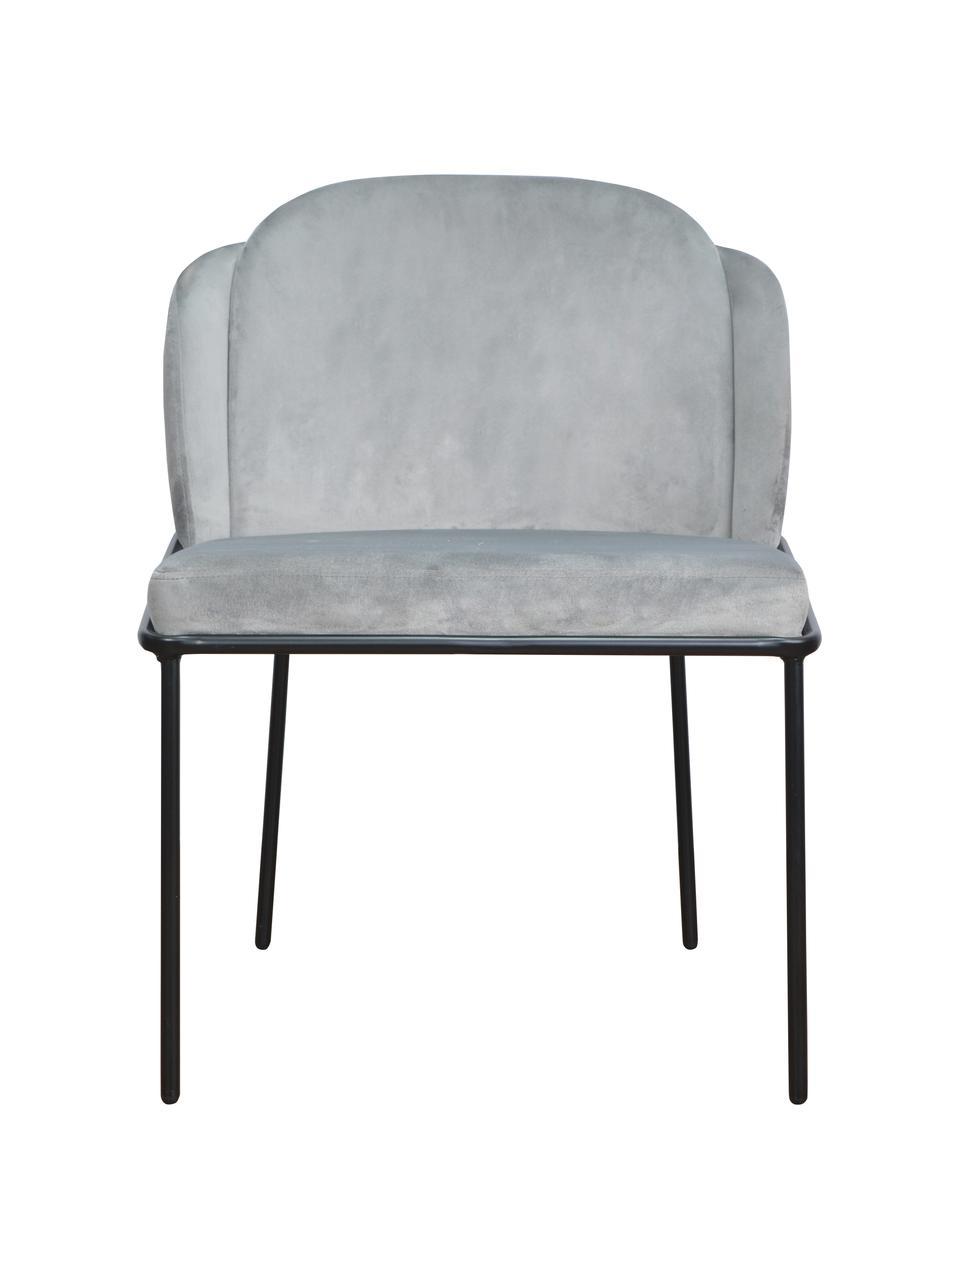 Krzesło tapicerowane z aksamitu Polly, Tapicerka: aksamit (100% poliester), Nogi: metal, Aksamitny jasny szary, nogi: czarny, S 57 x G 55 cm